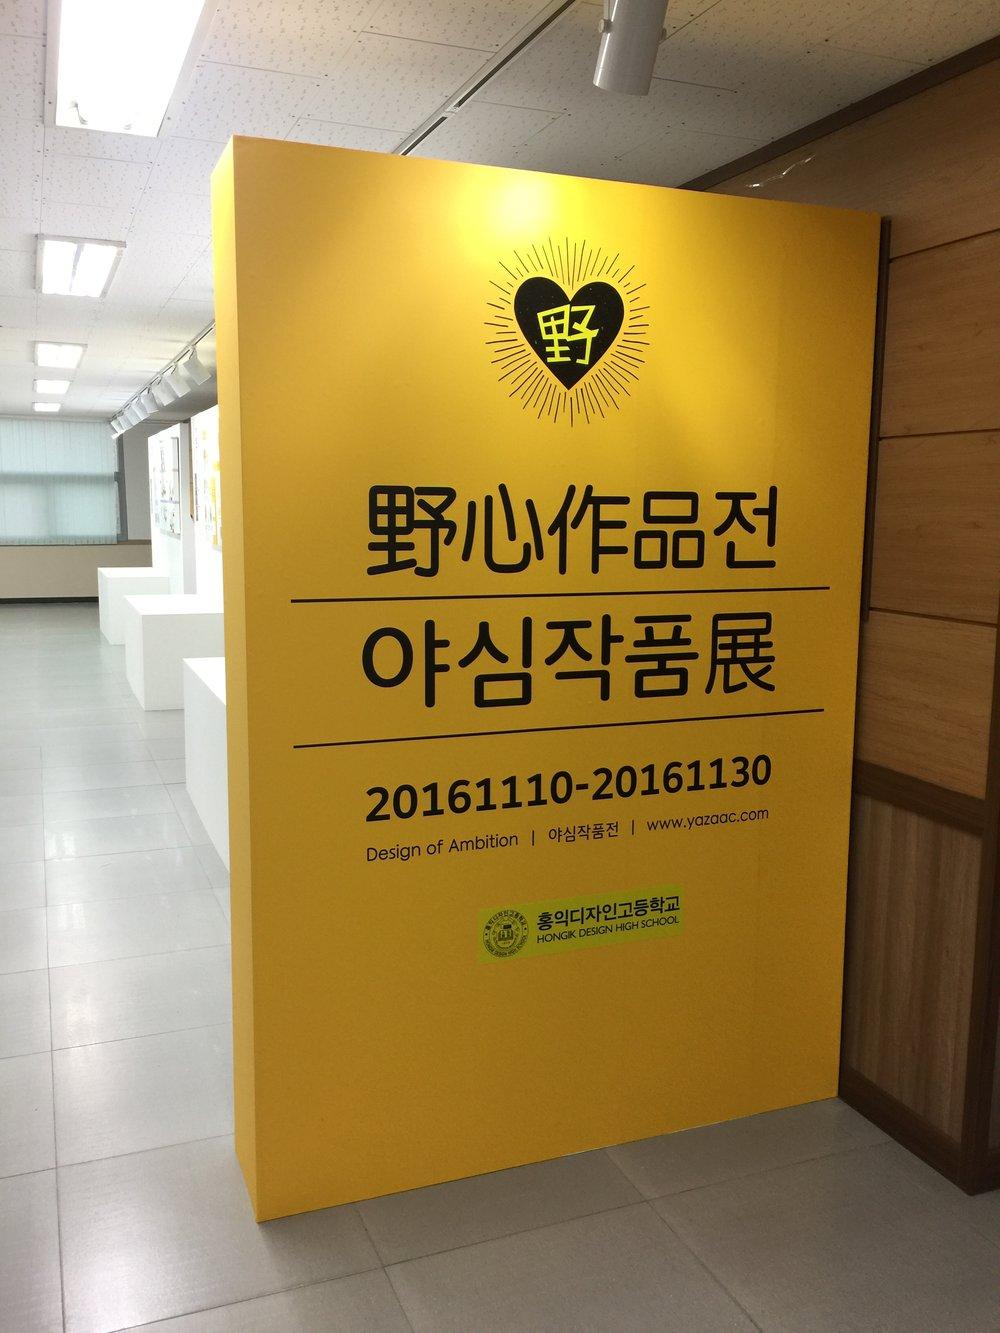 경기도 화성시에 위치한 홍익디자인고등학교에서 2016년 11월 10일부터 30일까지 '야심작품전' 디자인 전시회가 진행되었습니다.